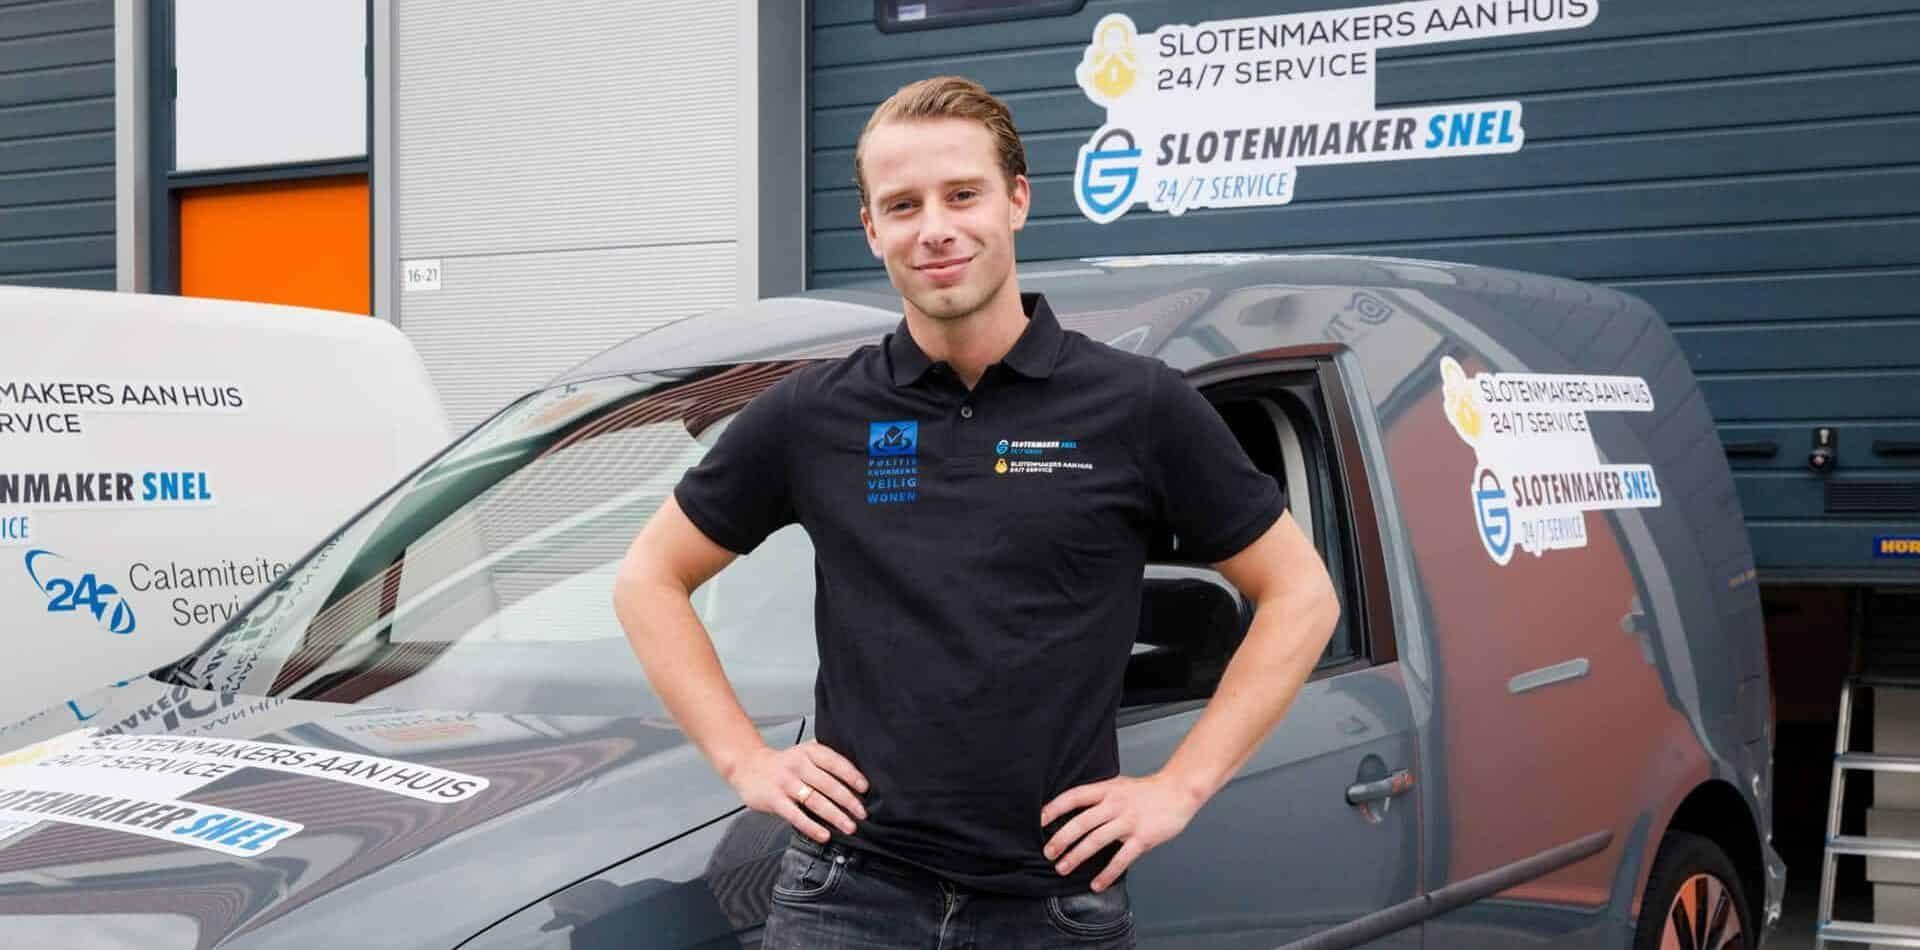 Slotenmaker Emmen (7)